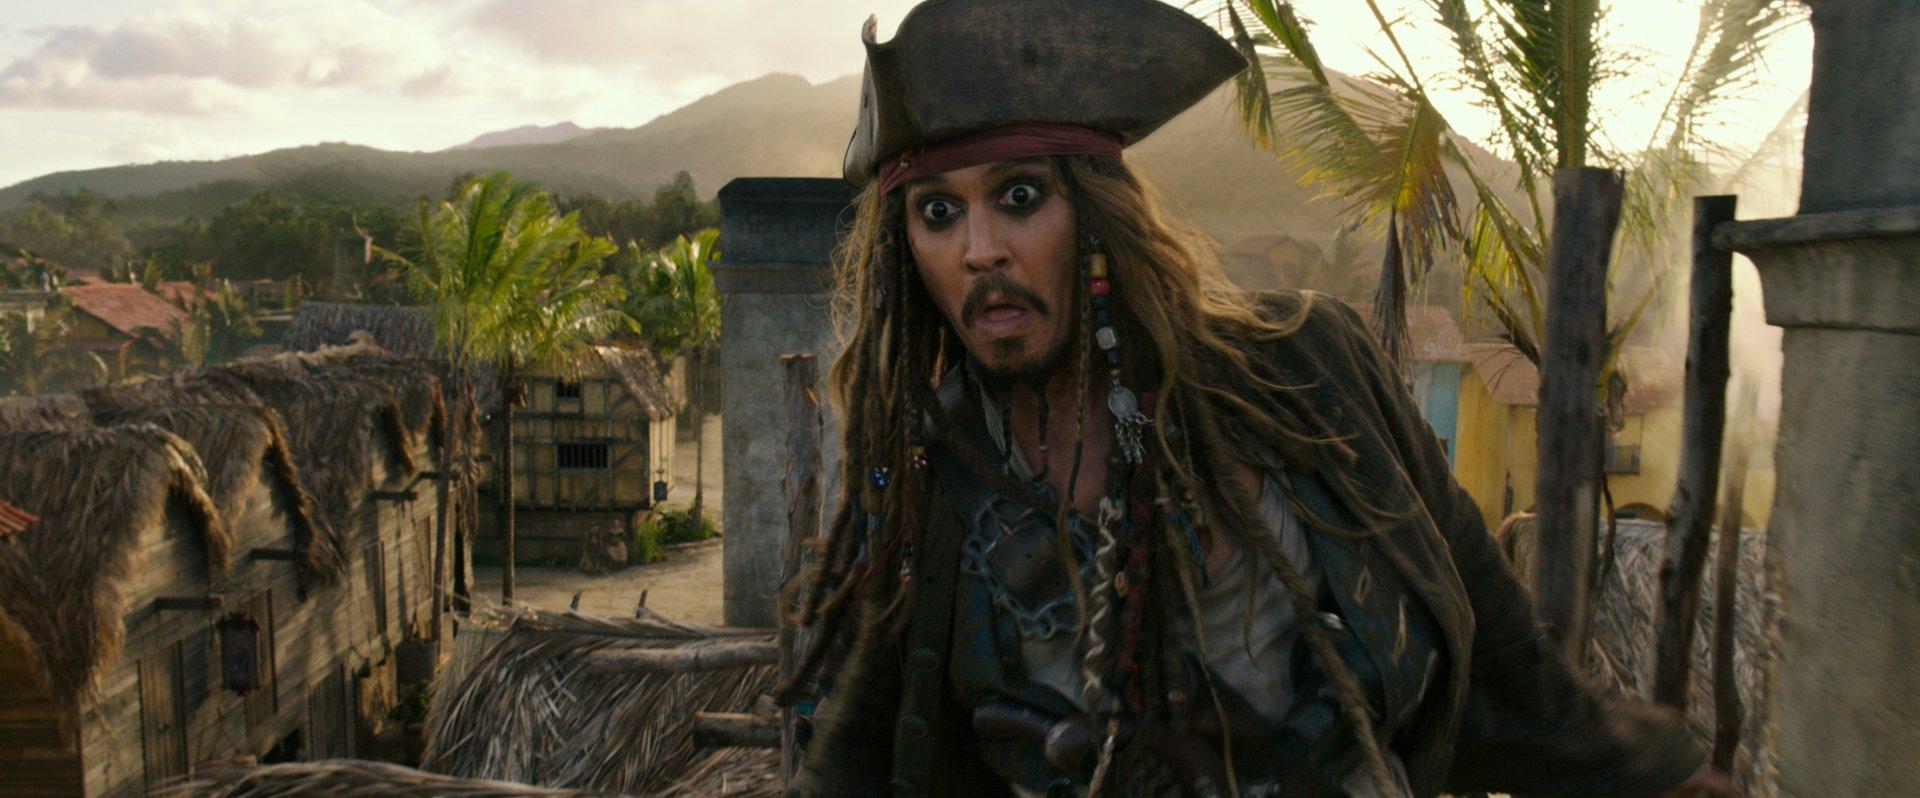 电影 - 加勒比海盗5:死无对证  约翰尼·德普 Jack Sparrow 壁纸